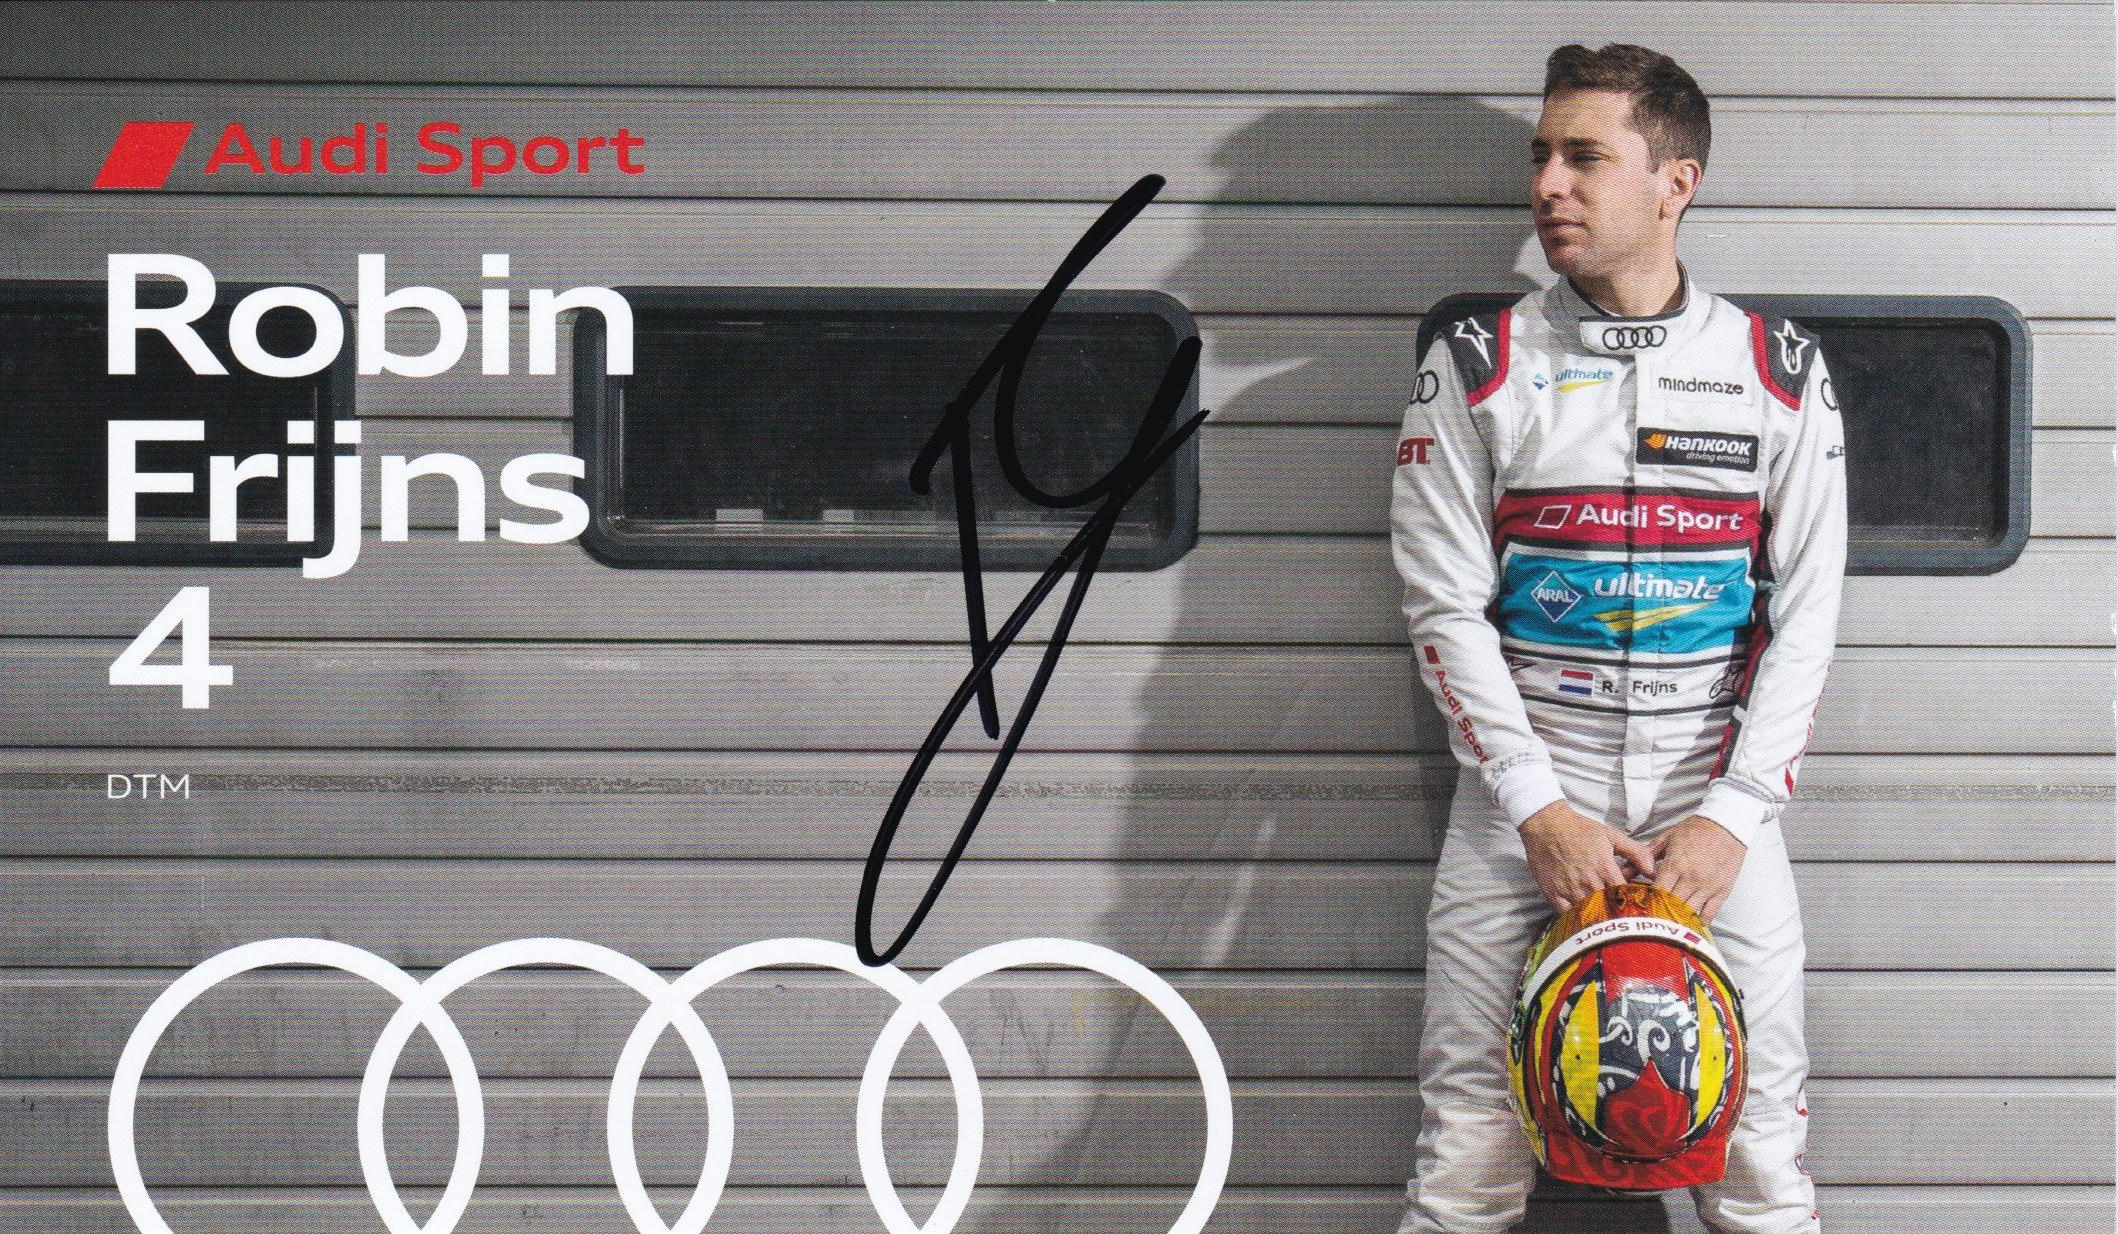 Robin Frijns DTM 2020